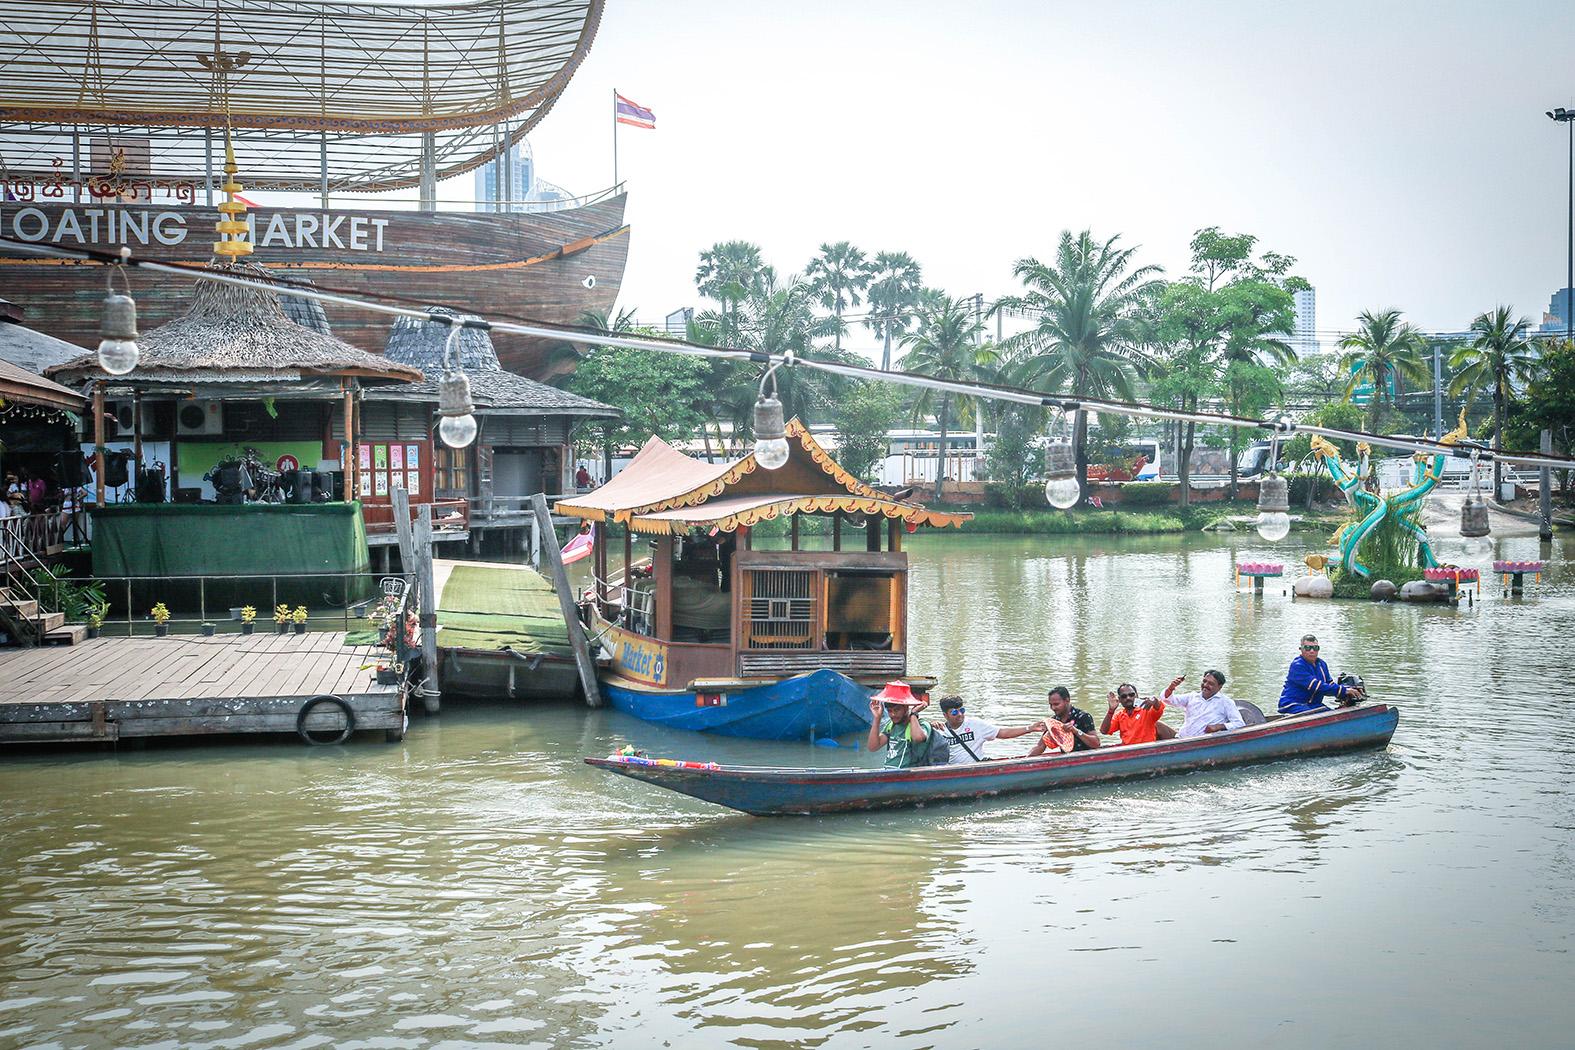 Paket Wisata Tour Thailand/Bangkok Murah 5